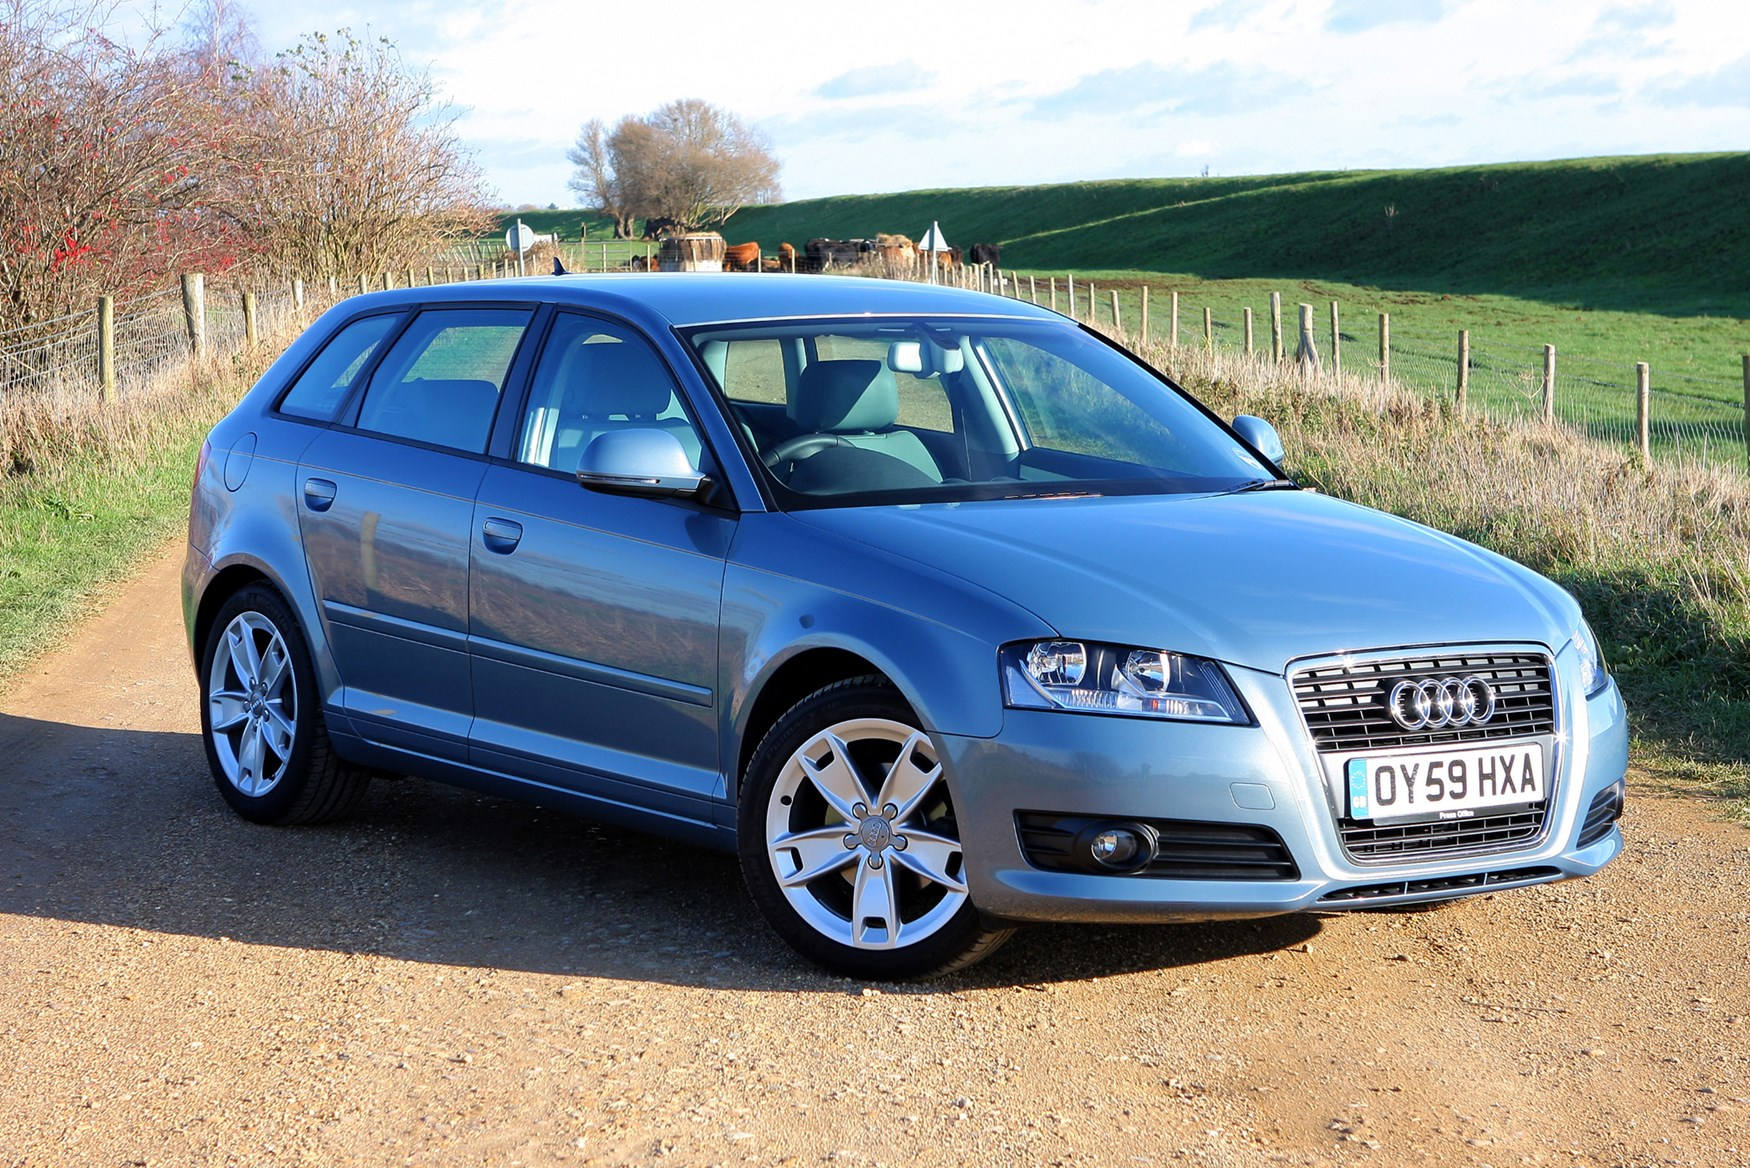 Audi A3 Sportback (2004 - 2013) Photos | Parkers